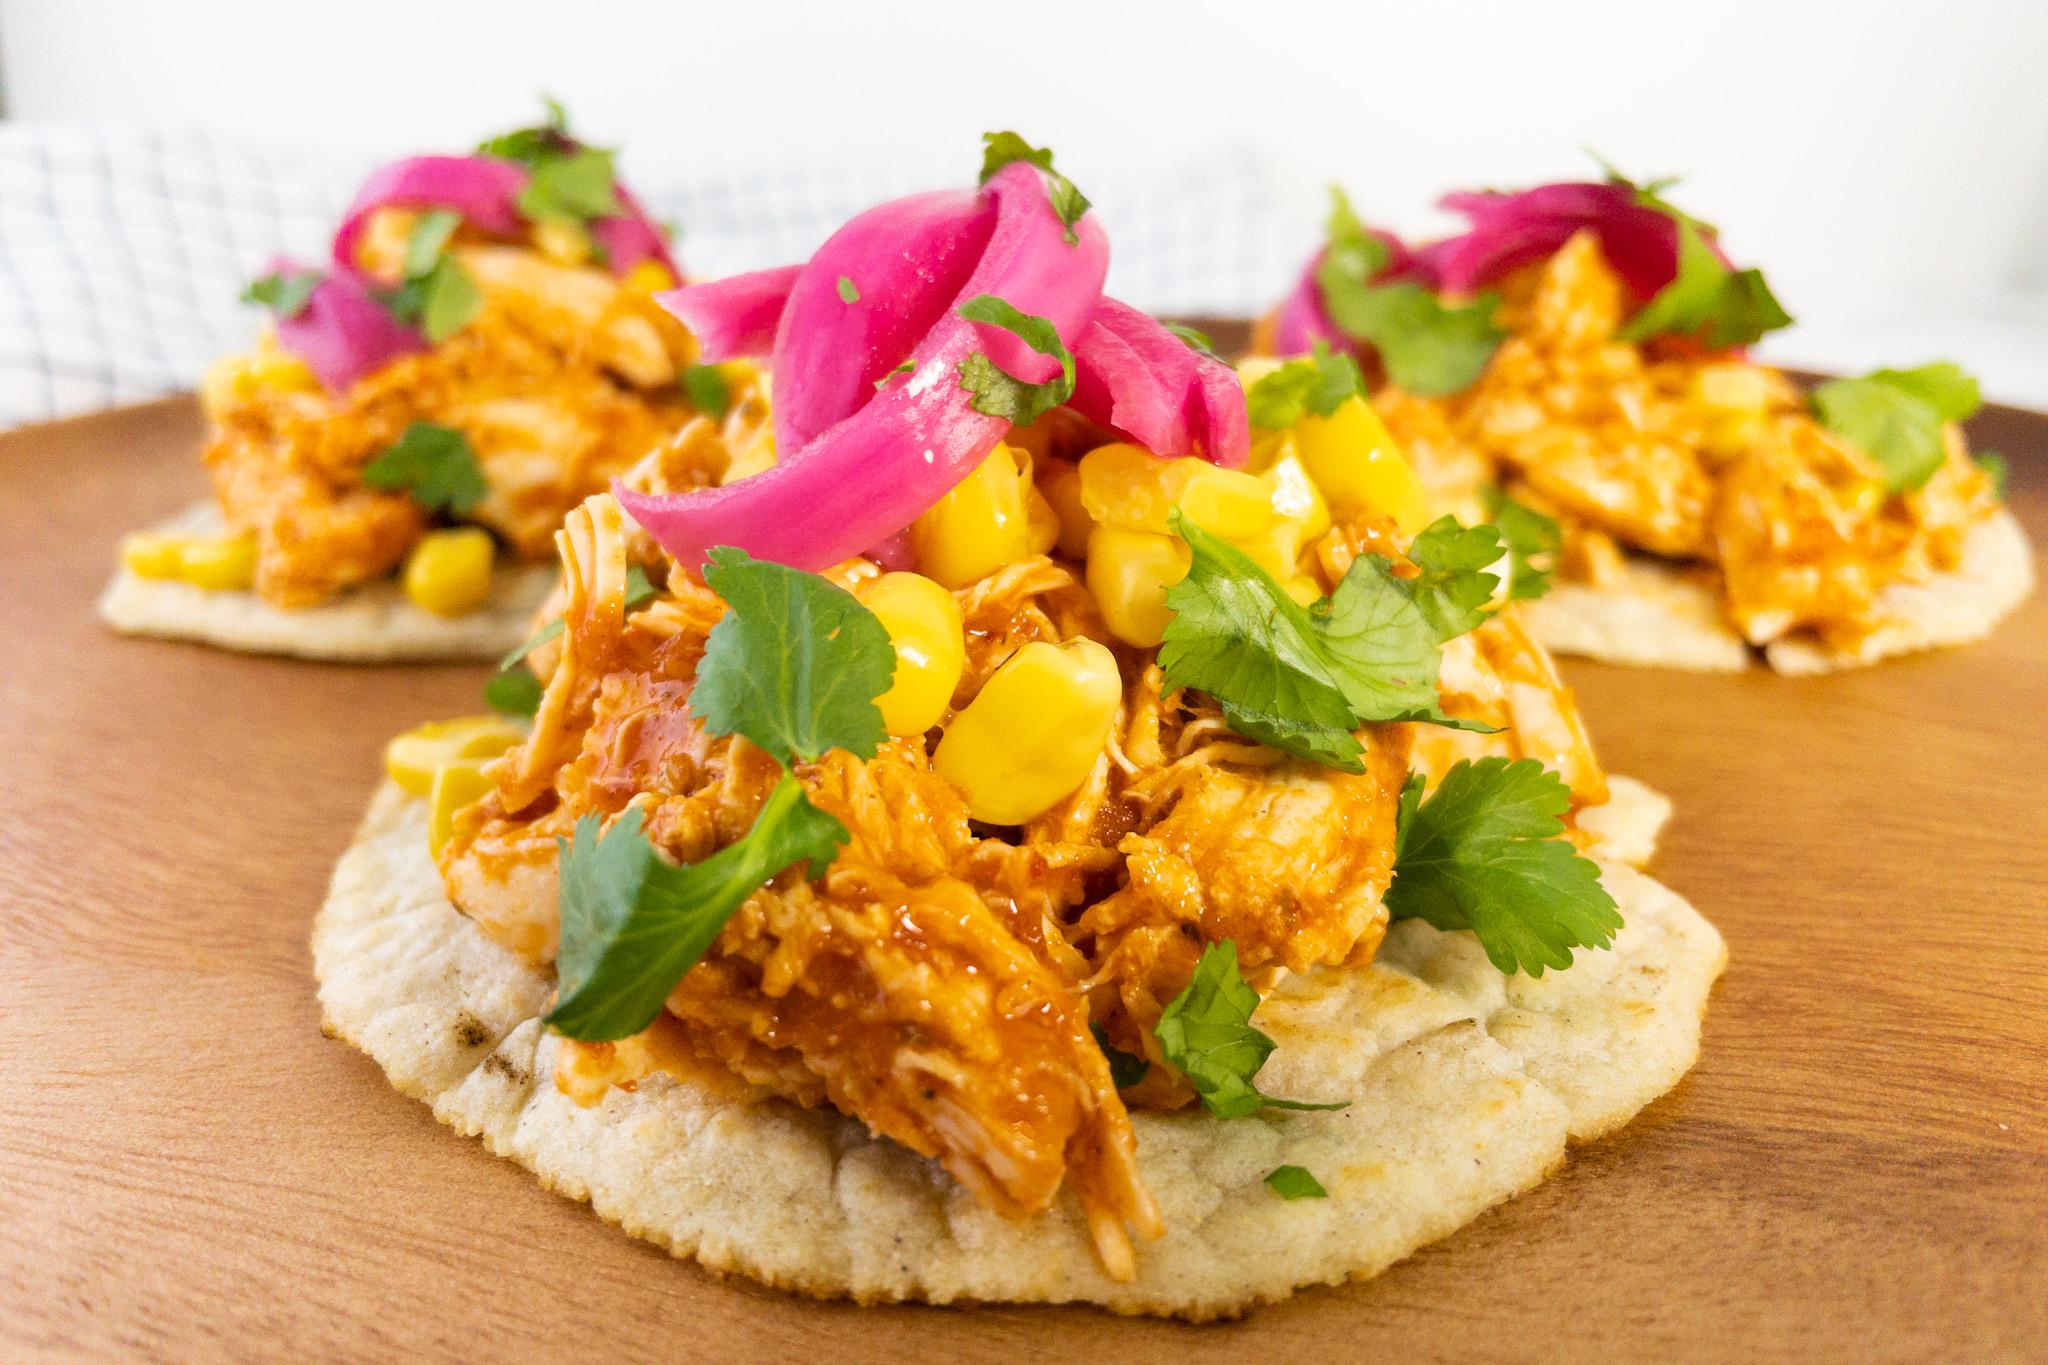 Een taco met kip, rode simpele enchilada saus, rode ingelegde ui en koriander